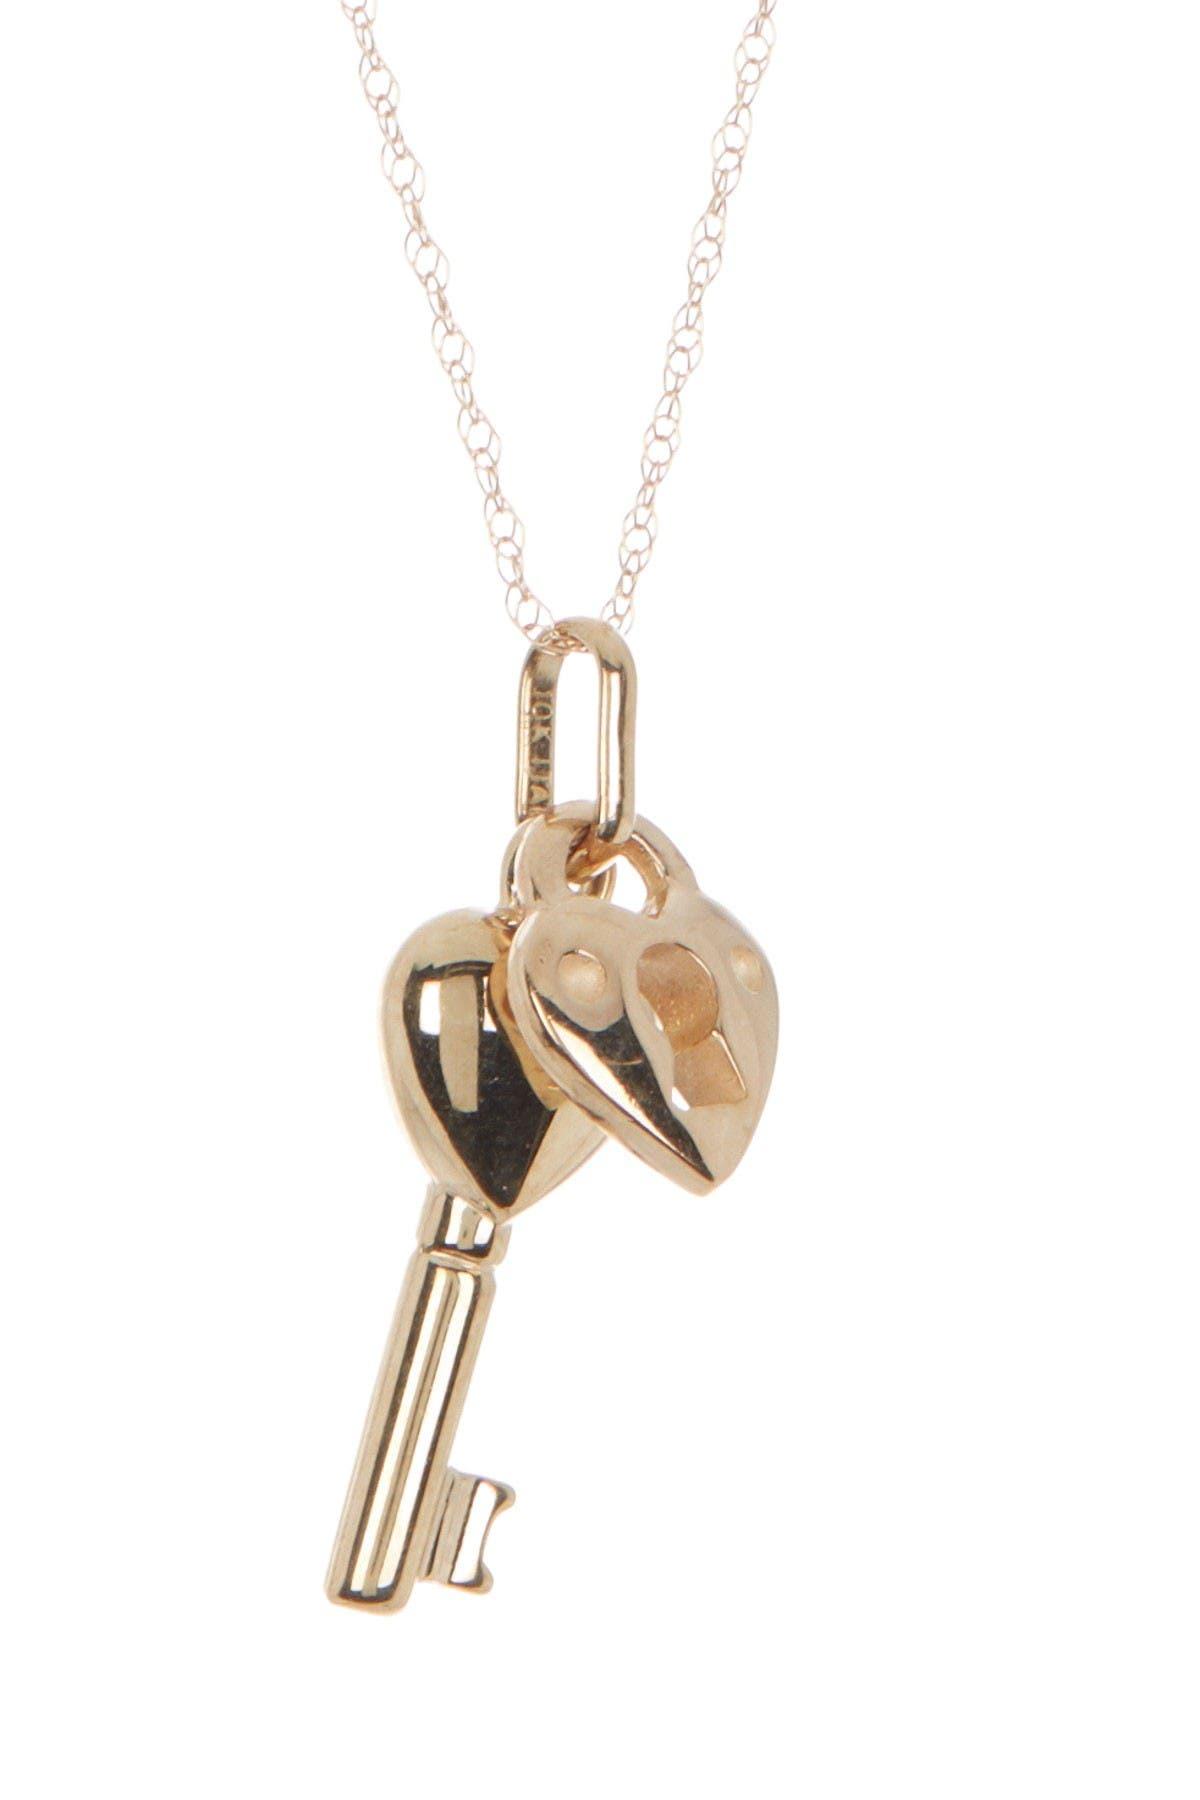 Image of Candela 10K Yellow Gold Lock & Key Pendant Necklace